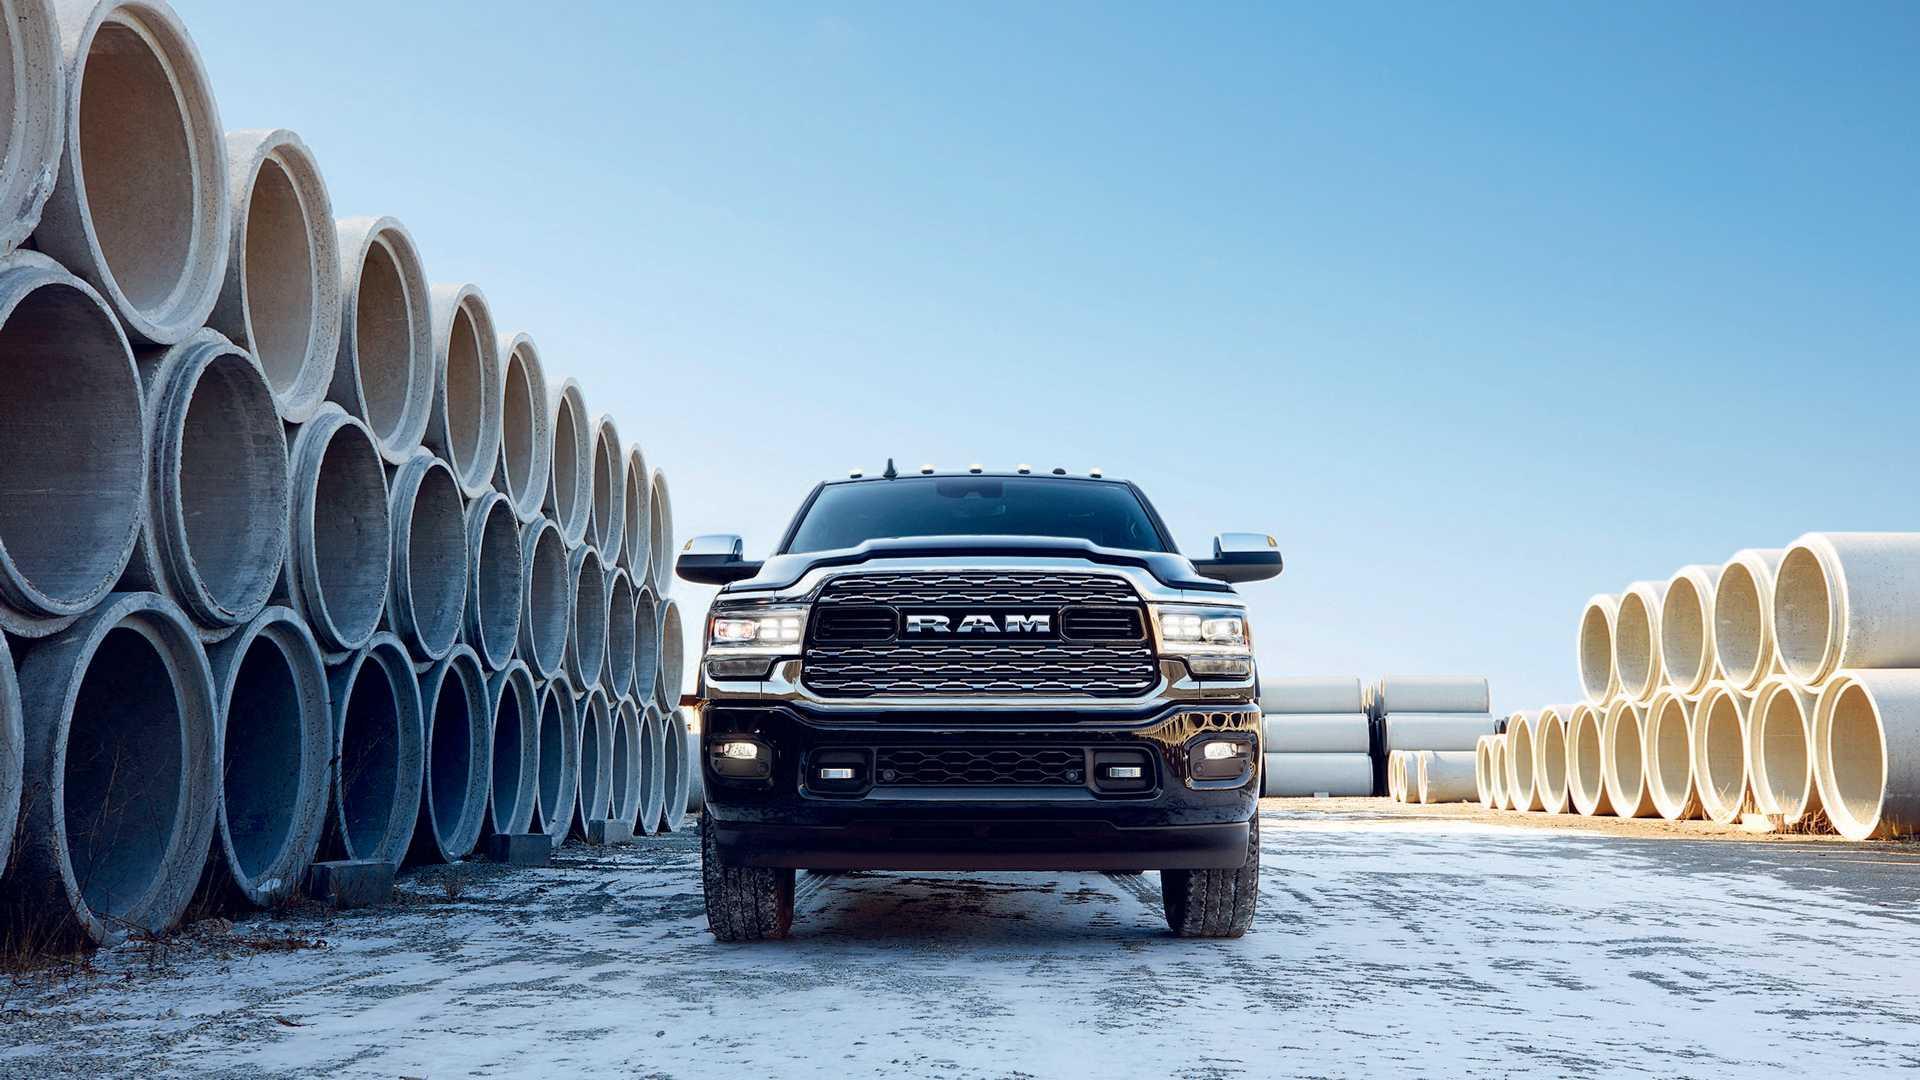 2019-ram-heavy-duty-exterior